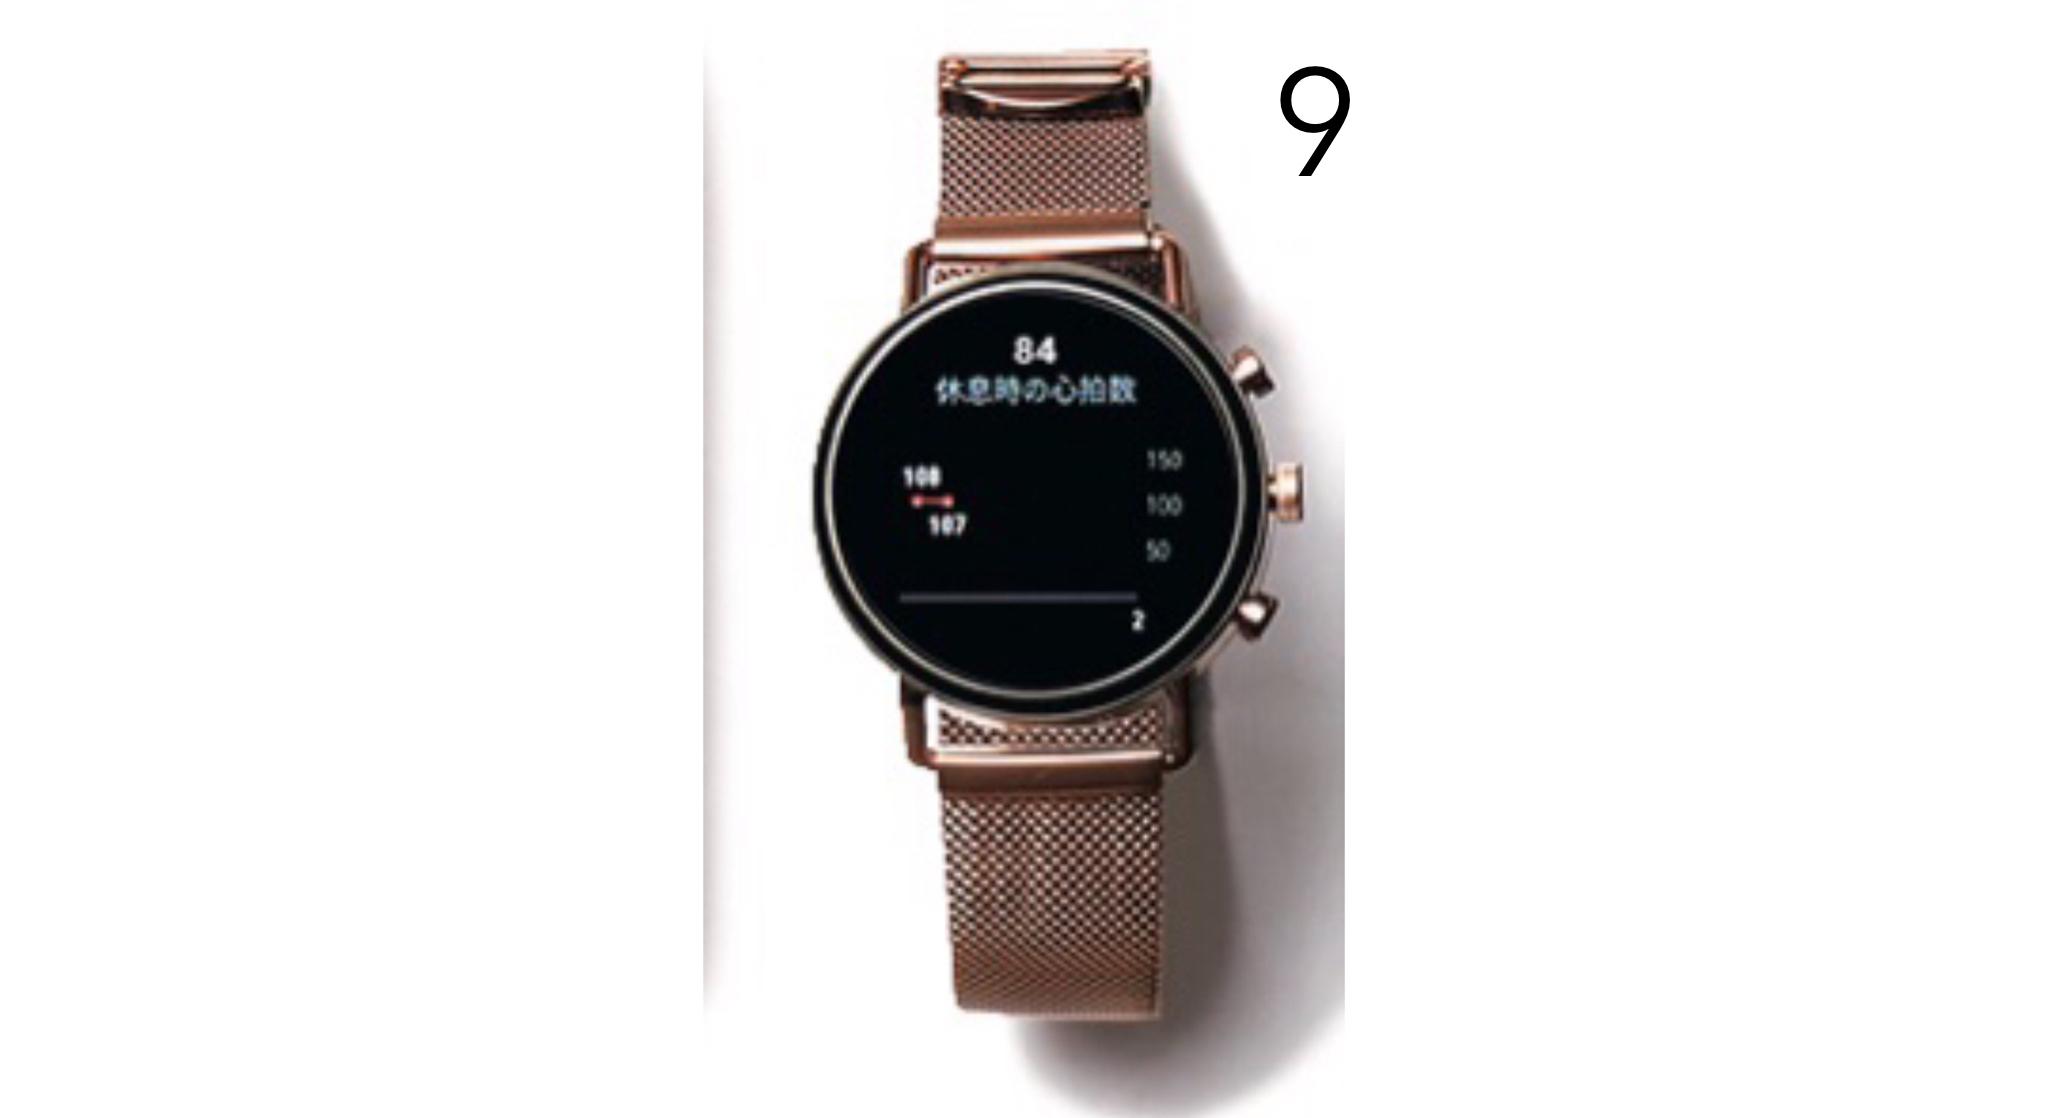 スカーゲンのスマートウォッチ。「デザインが可愛くて、普通の時計感覚でつけられるのでお気に入り」